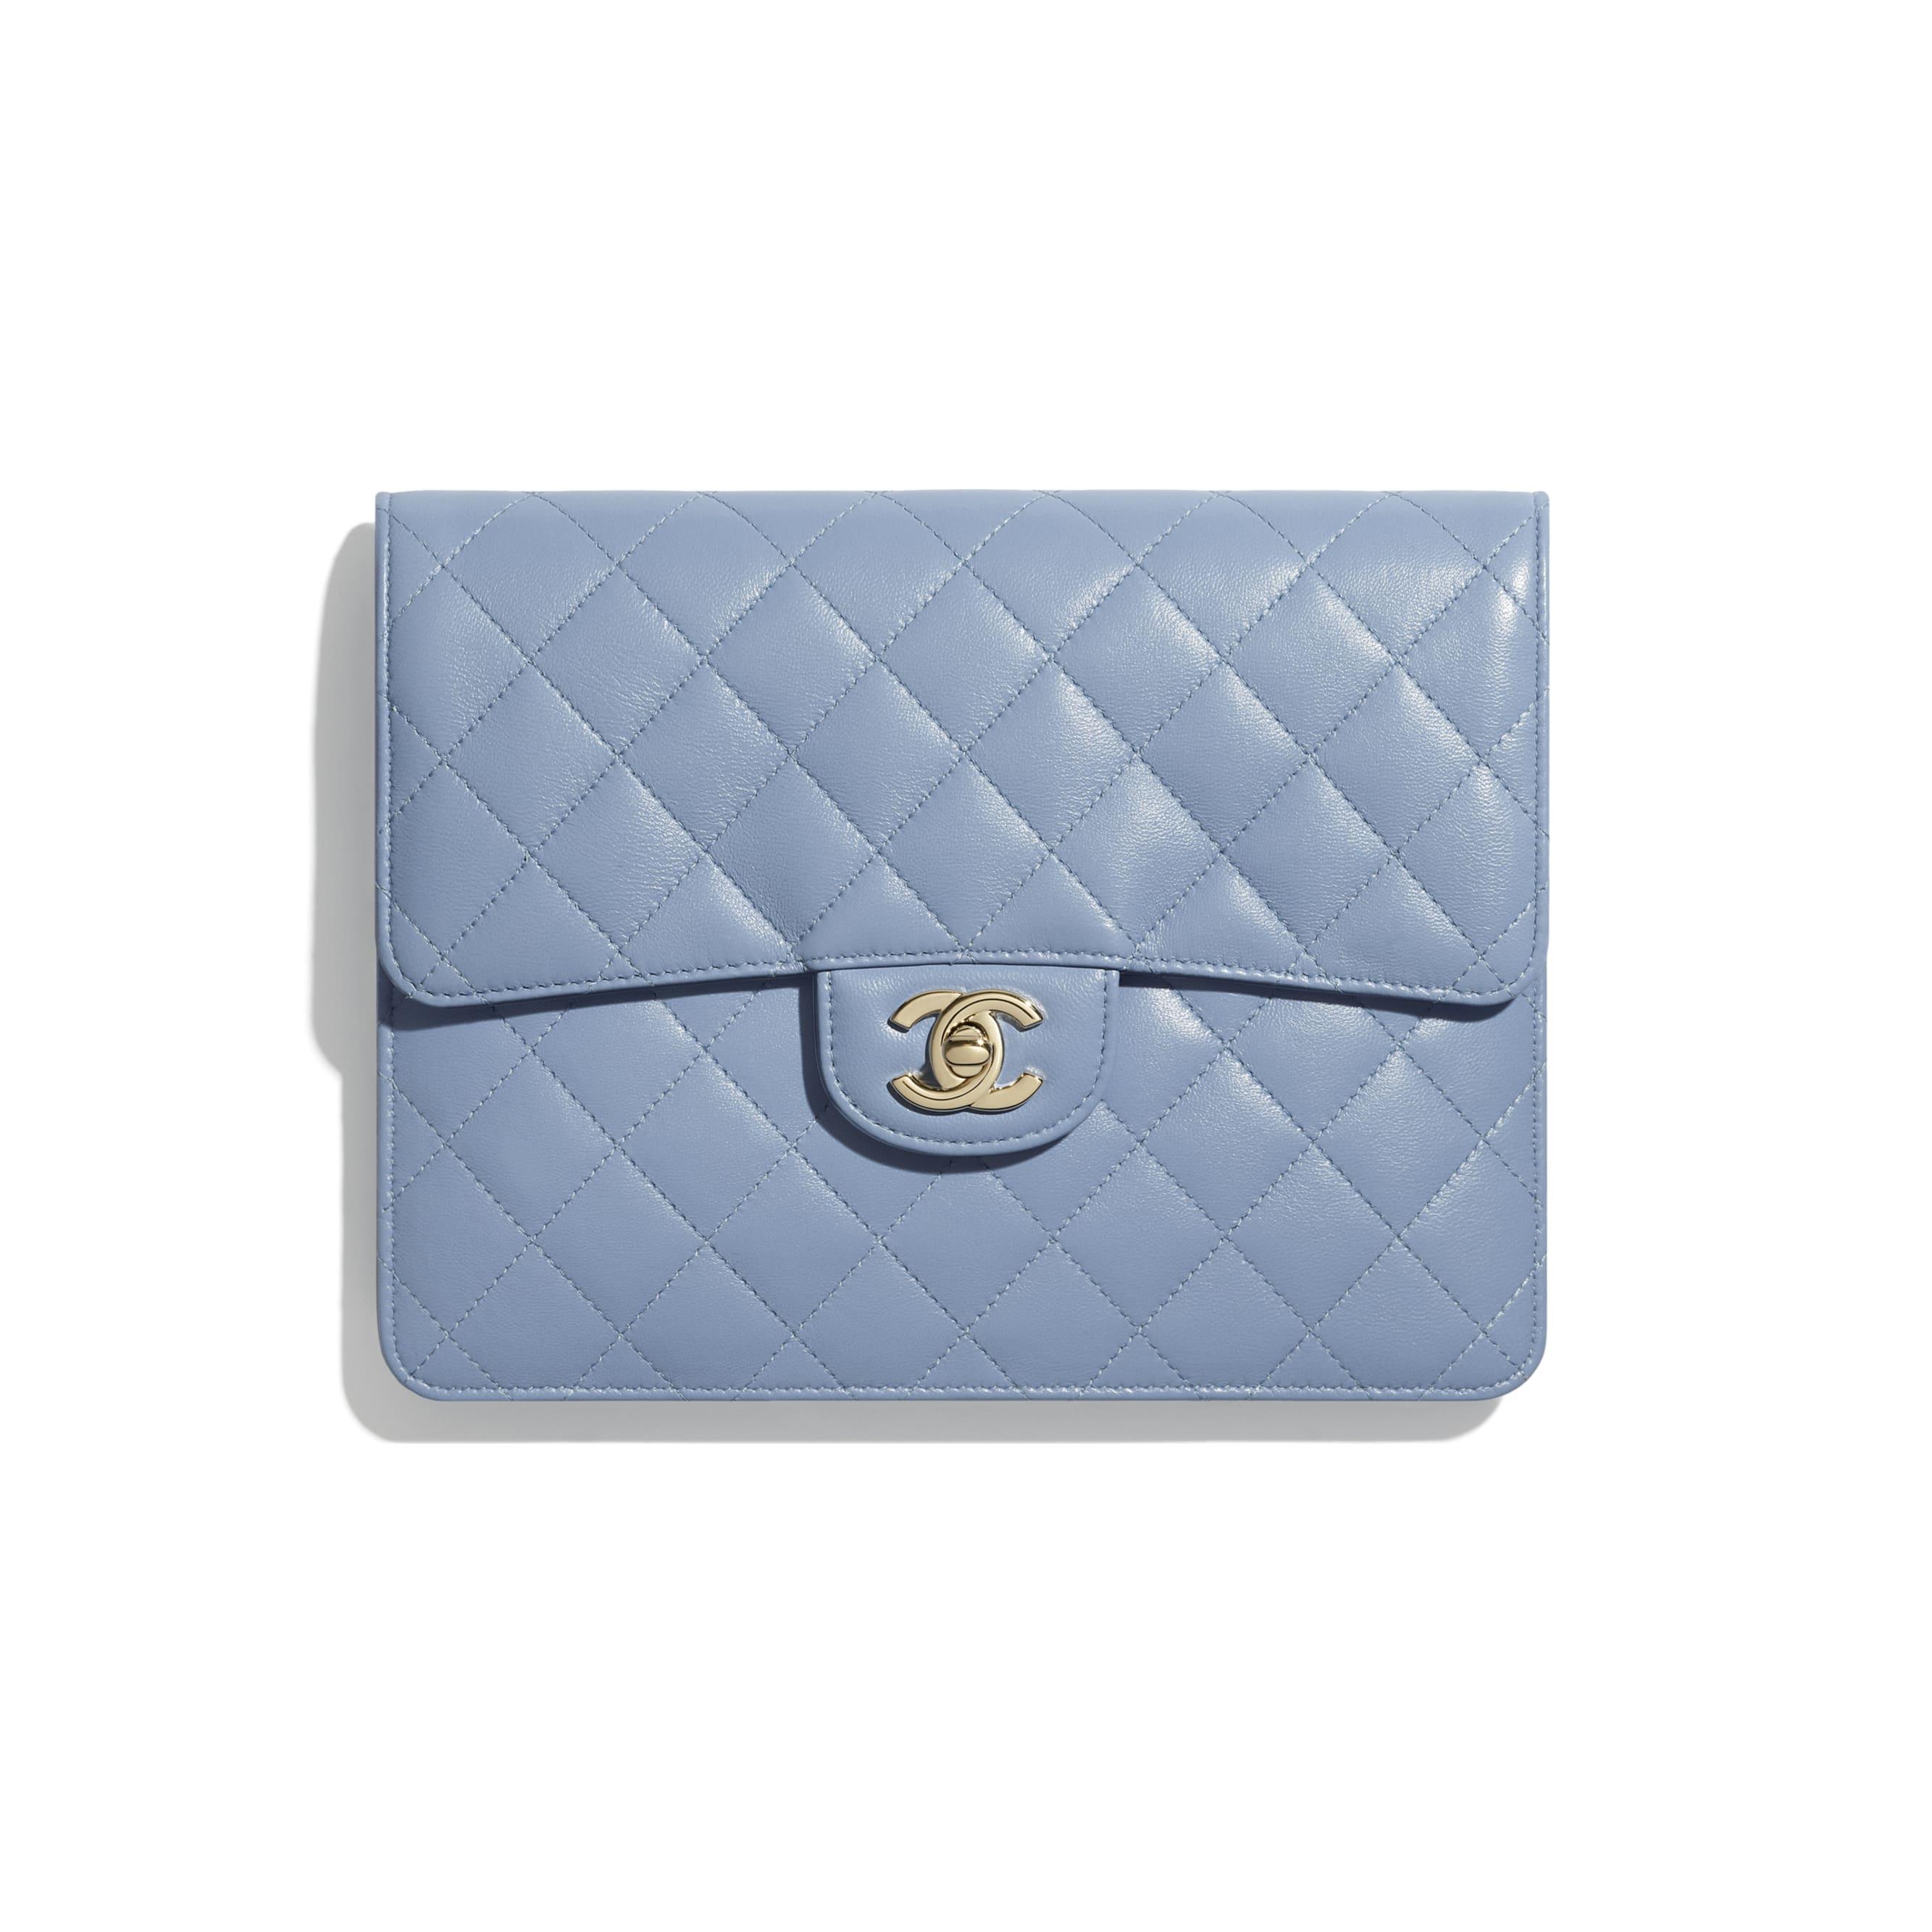 Flap pouch - Hemelsblauw - Lamsleer & goudkleurig metaal - CHANEL - Standaardweergave - zie versie op standaardgrootte